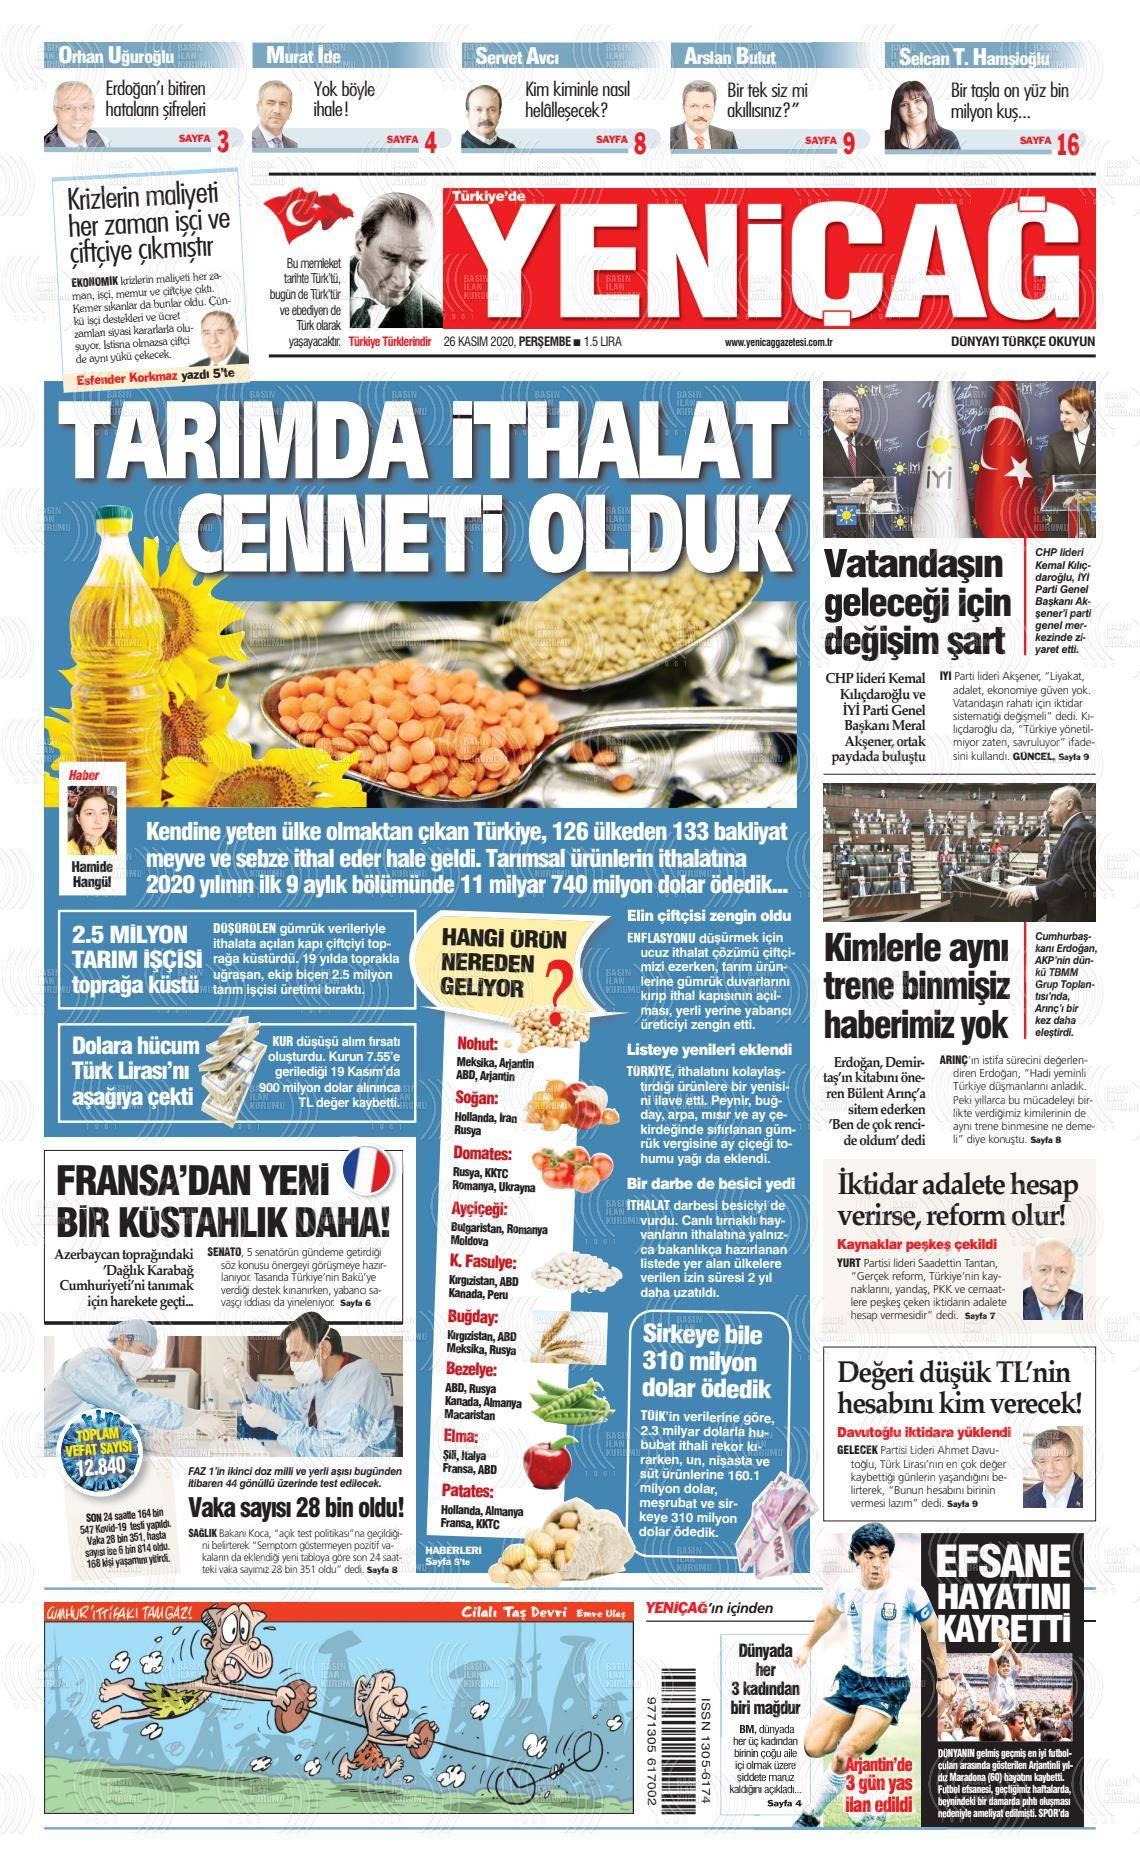 Türkiye'de Yeniçağ